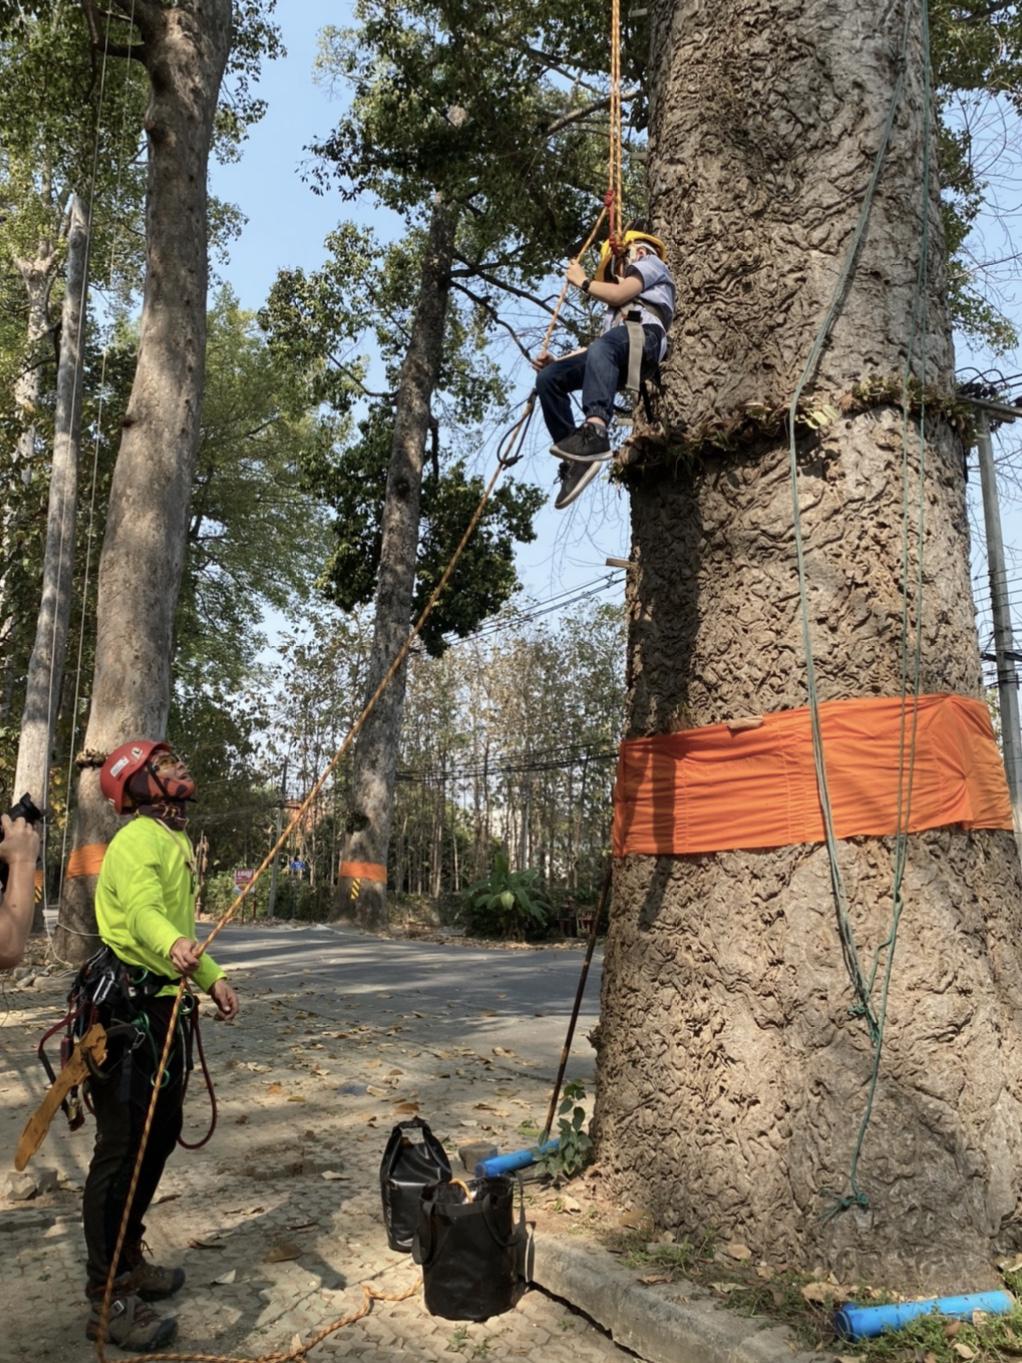 ฝึกปีนต้นไม้กับทีมรุกขกร